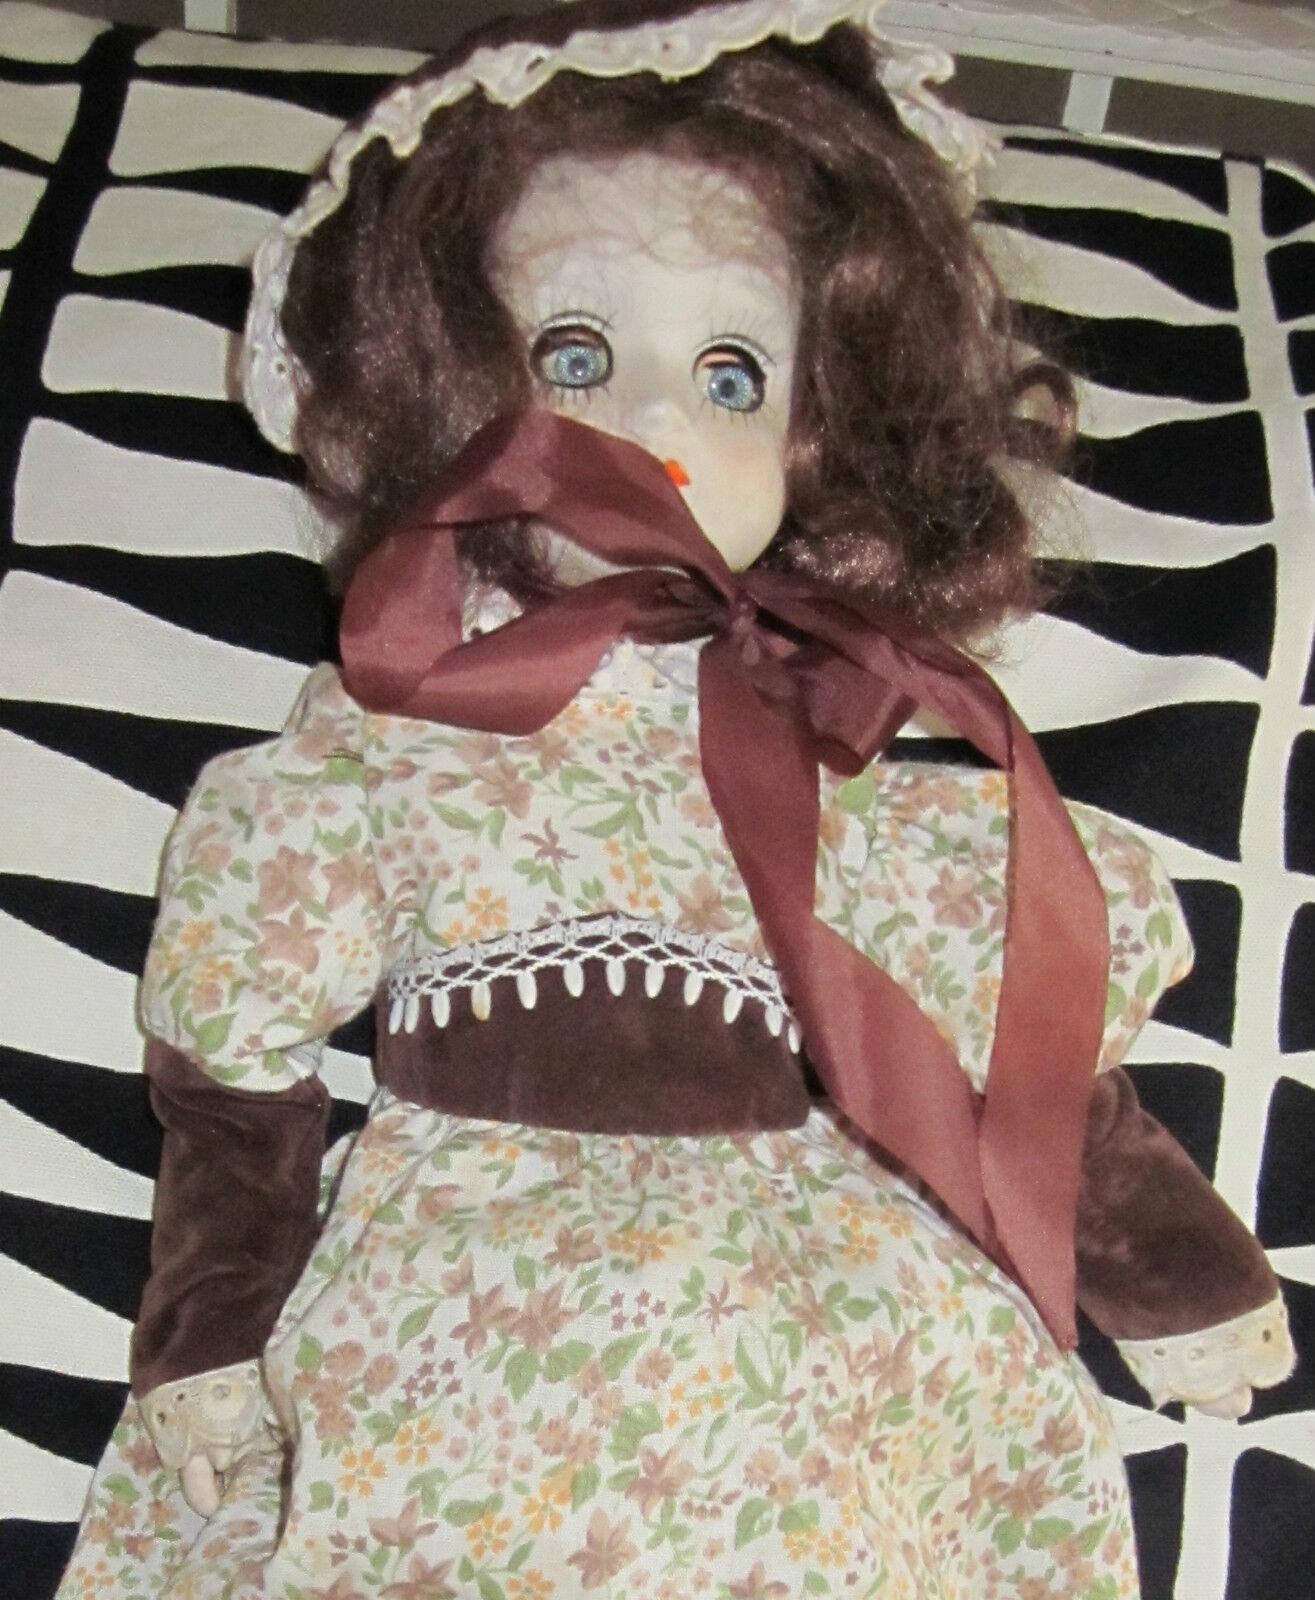 Vintage alte Schlafpuppe Puppe Porzellan Kleidung komplett bewegliche Glieder